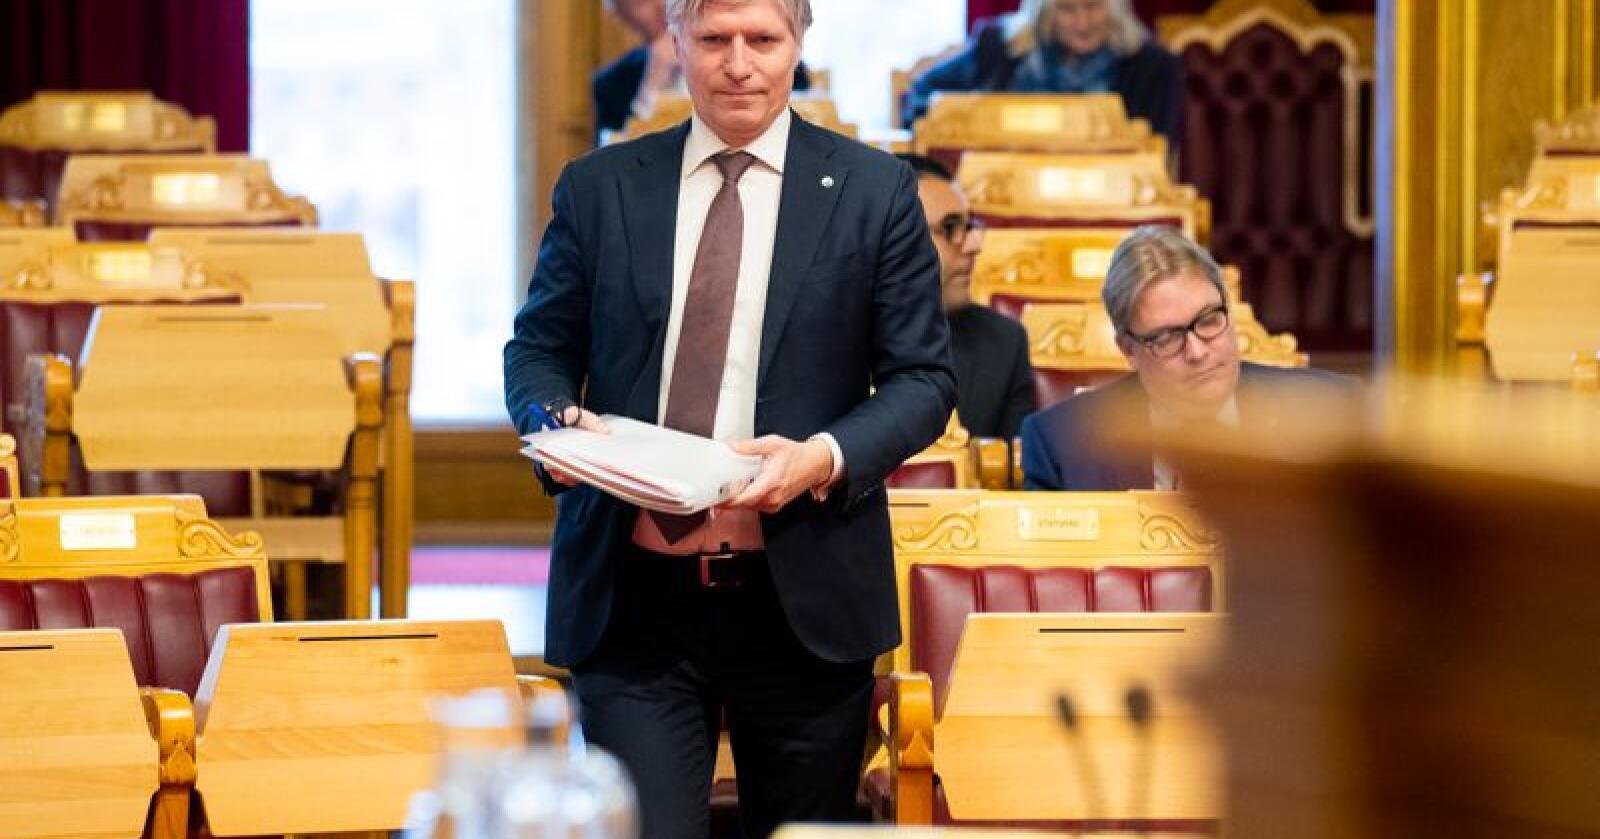 Klima- og miljøminister Ola Elvestuen (V) har hatt rovdyrklager til behandling. Foto: Håkon Mosvold Larsen / NTB scanpix